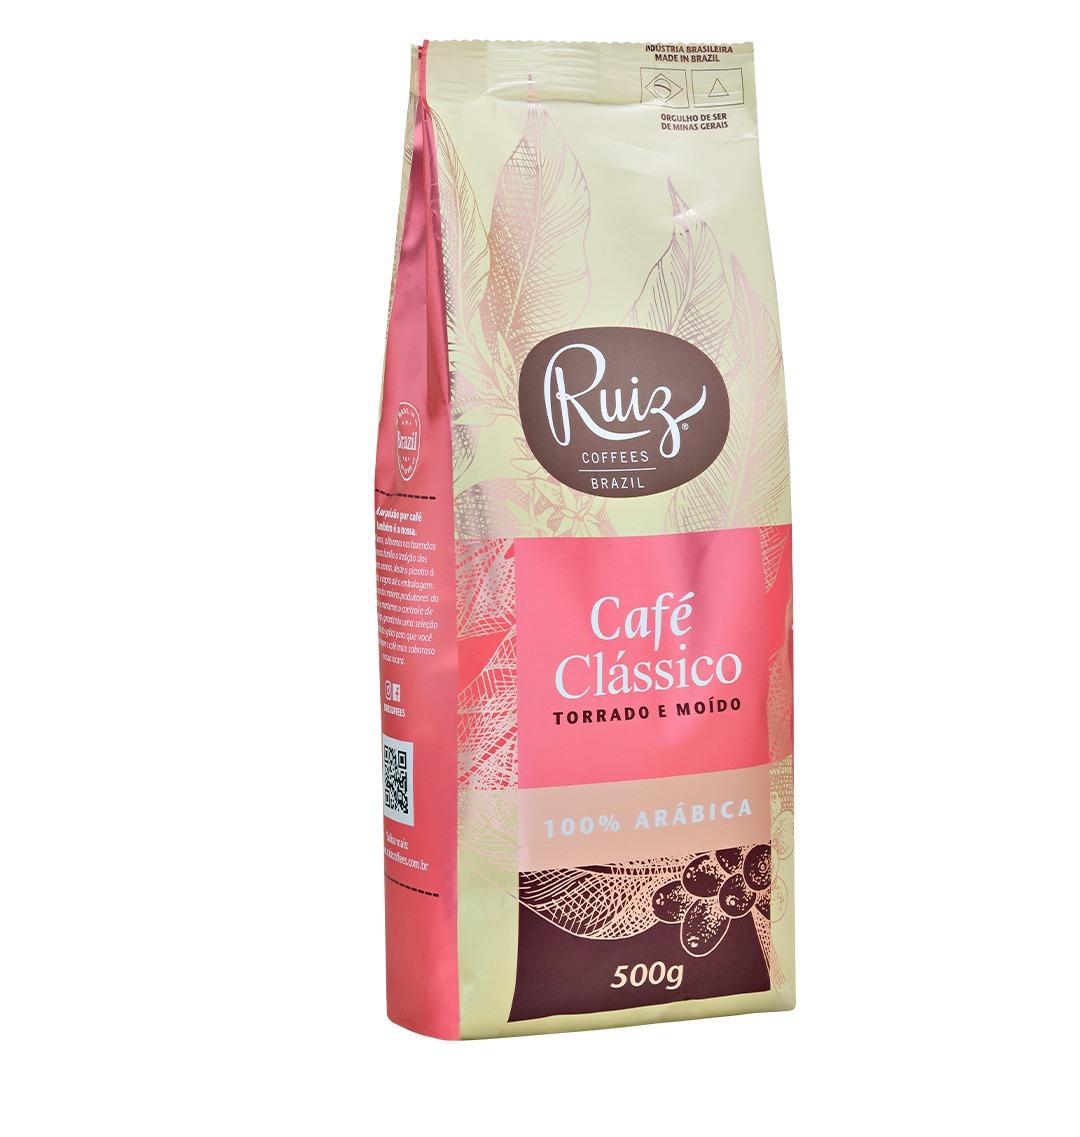 Café Ruiz Clássico - 100% Arábica -  Torrado e Moído - 500g